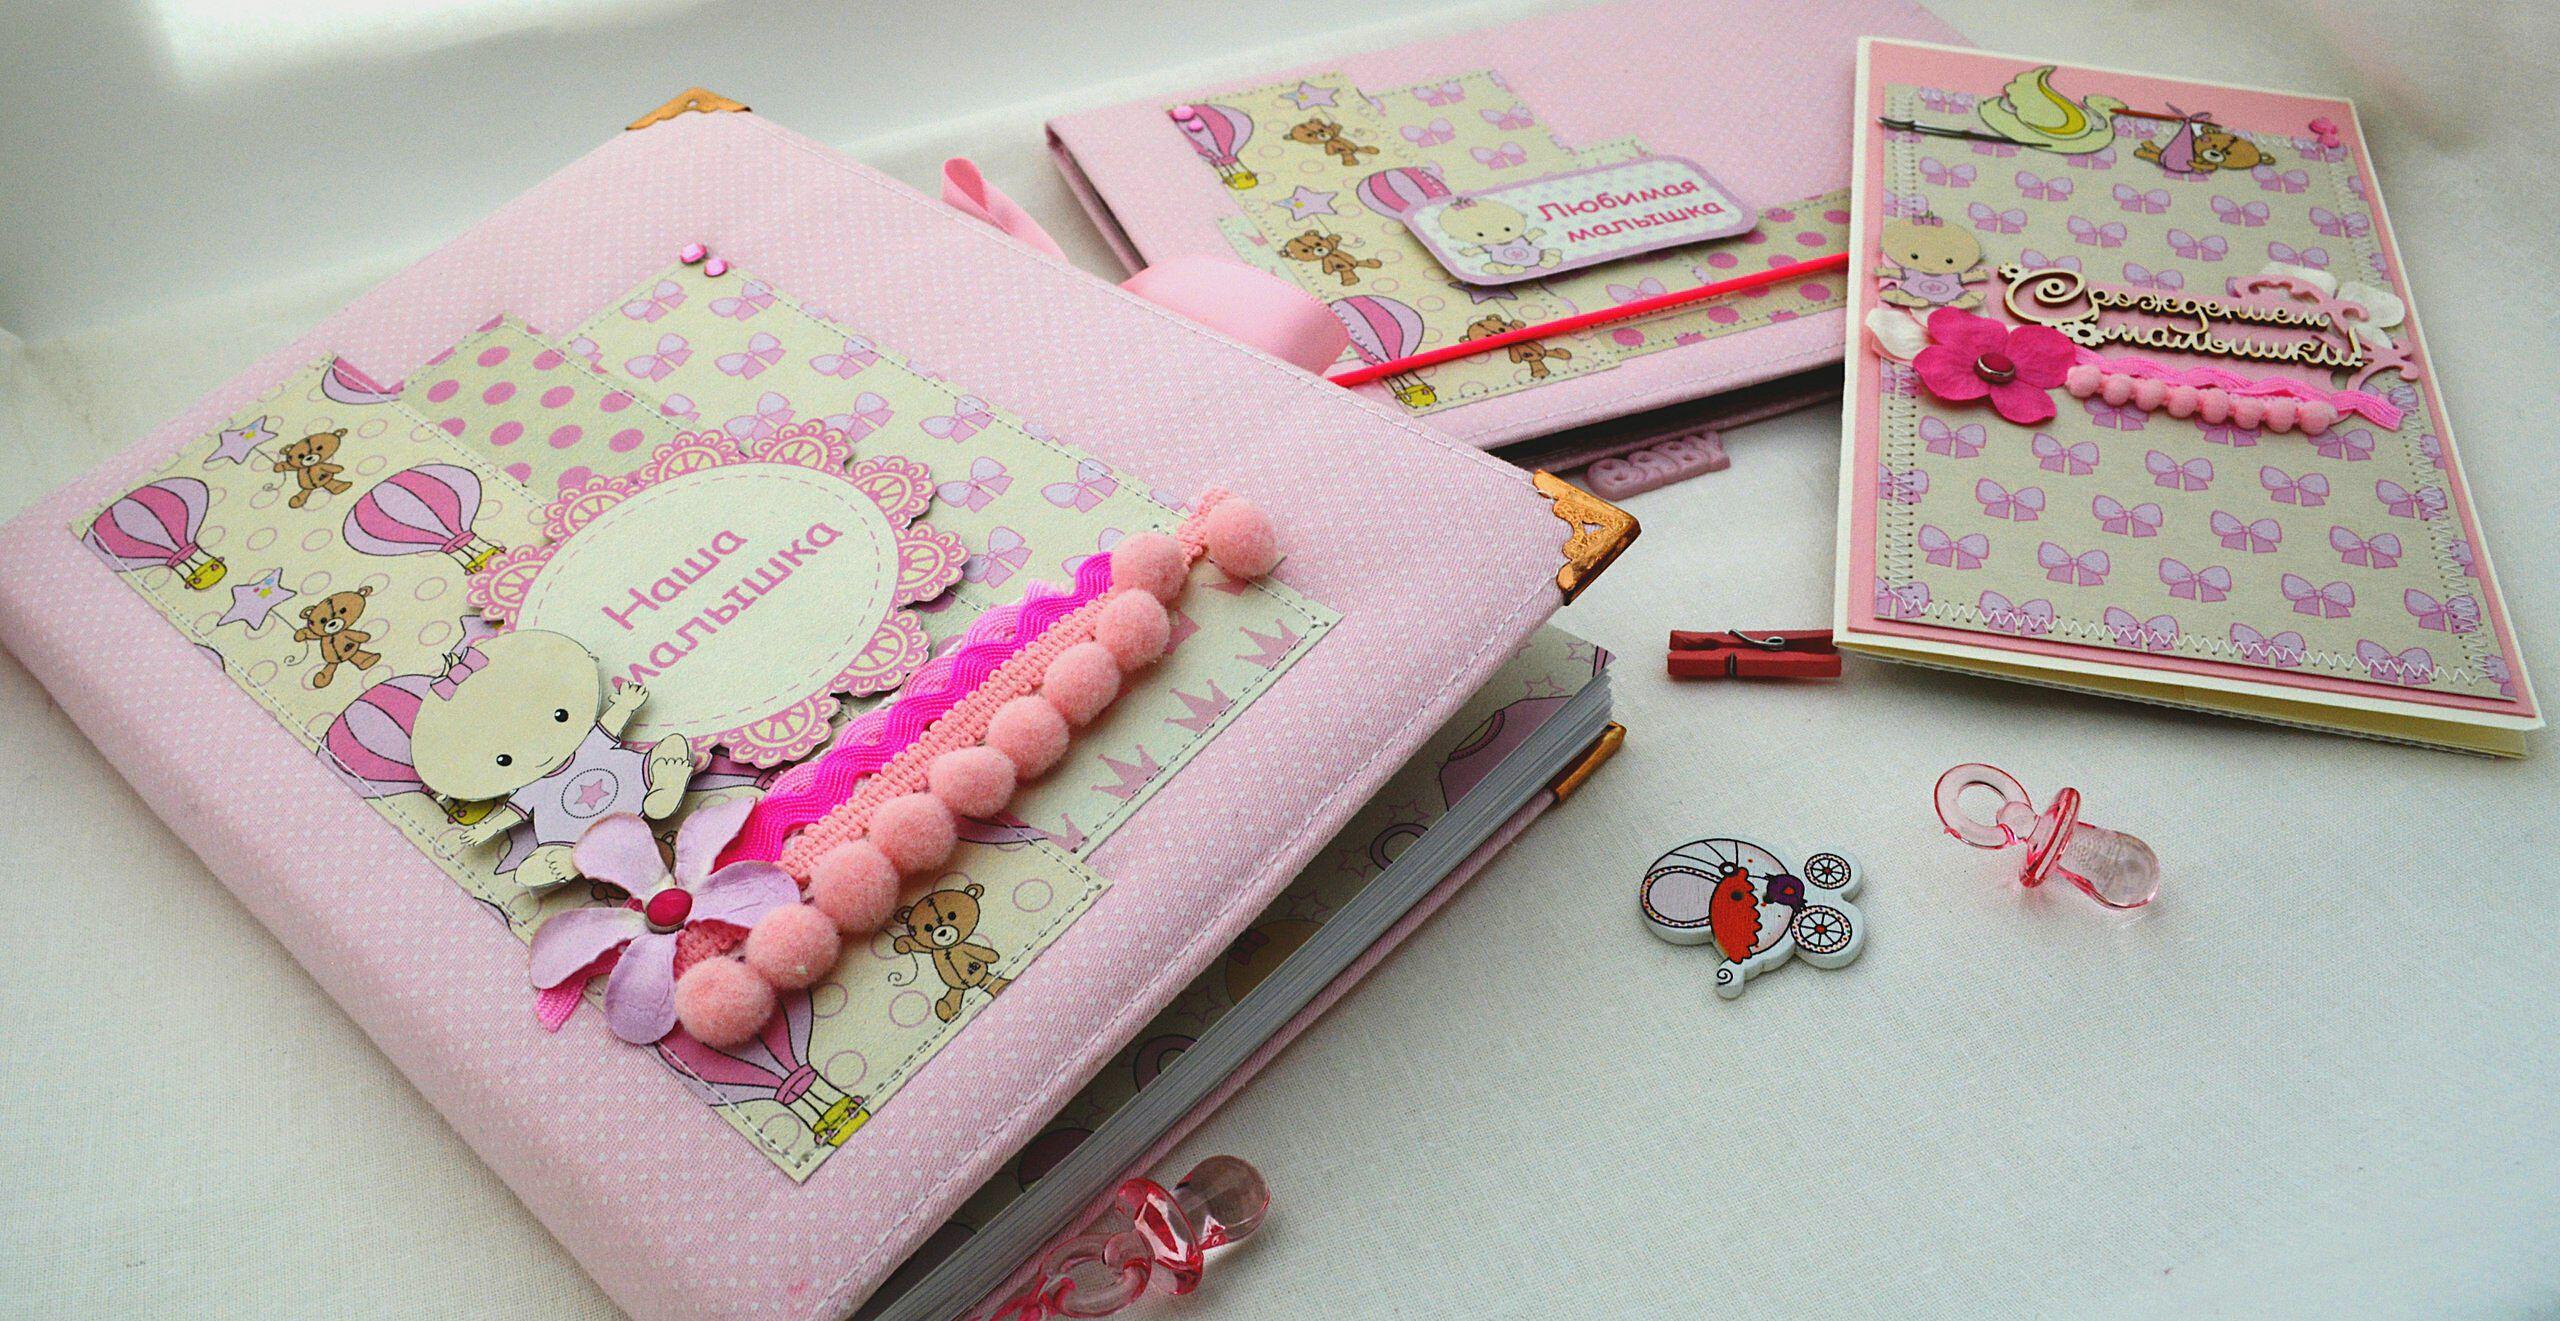 документов папка букимаминблокнот для малышка комплект девочка беби подарок